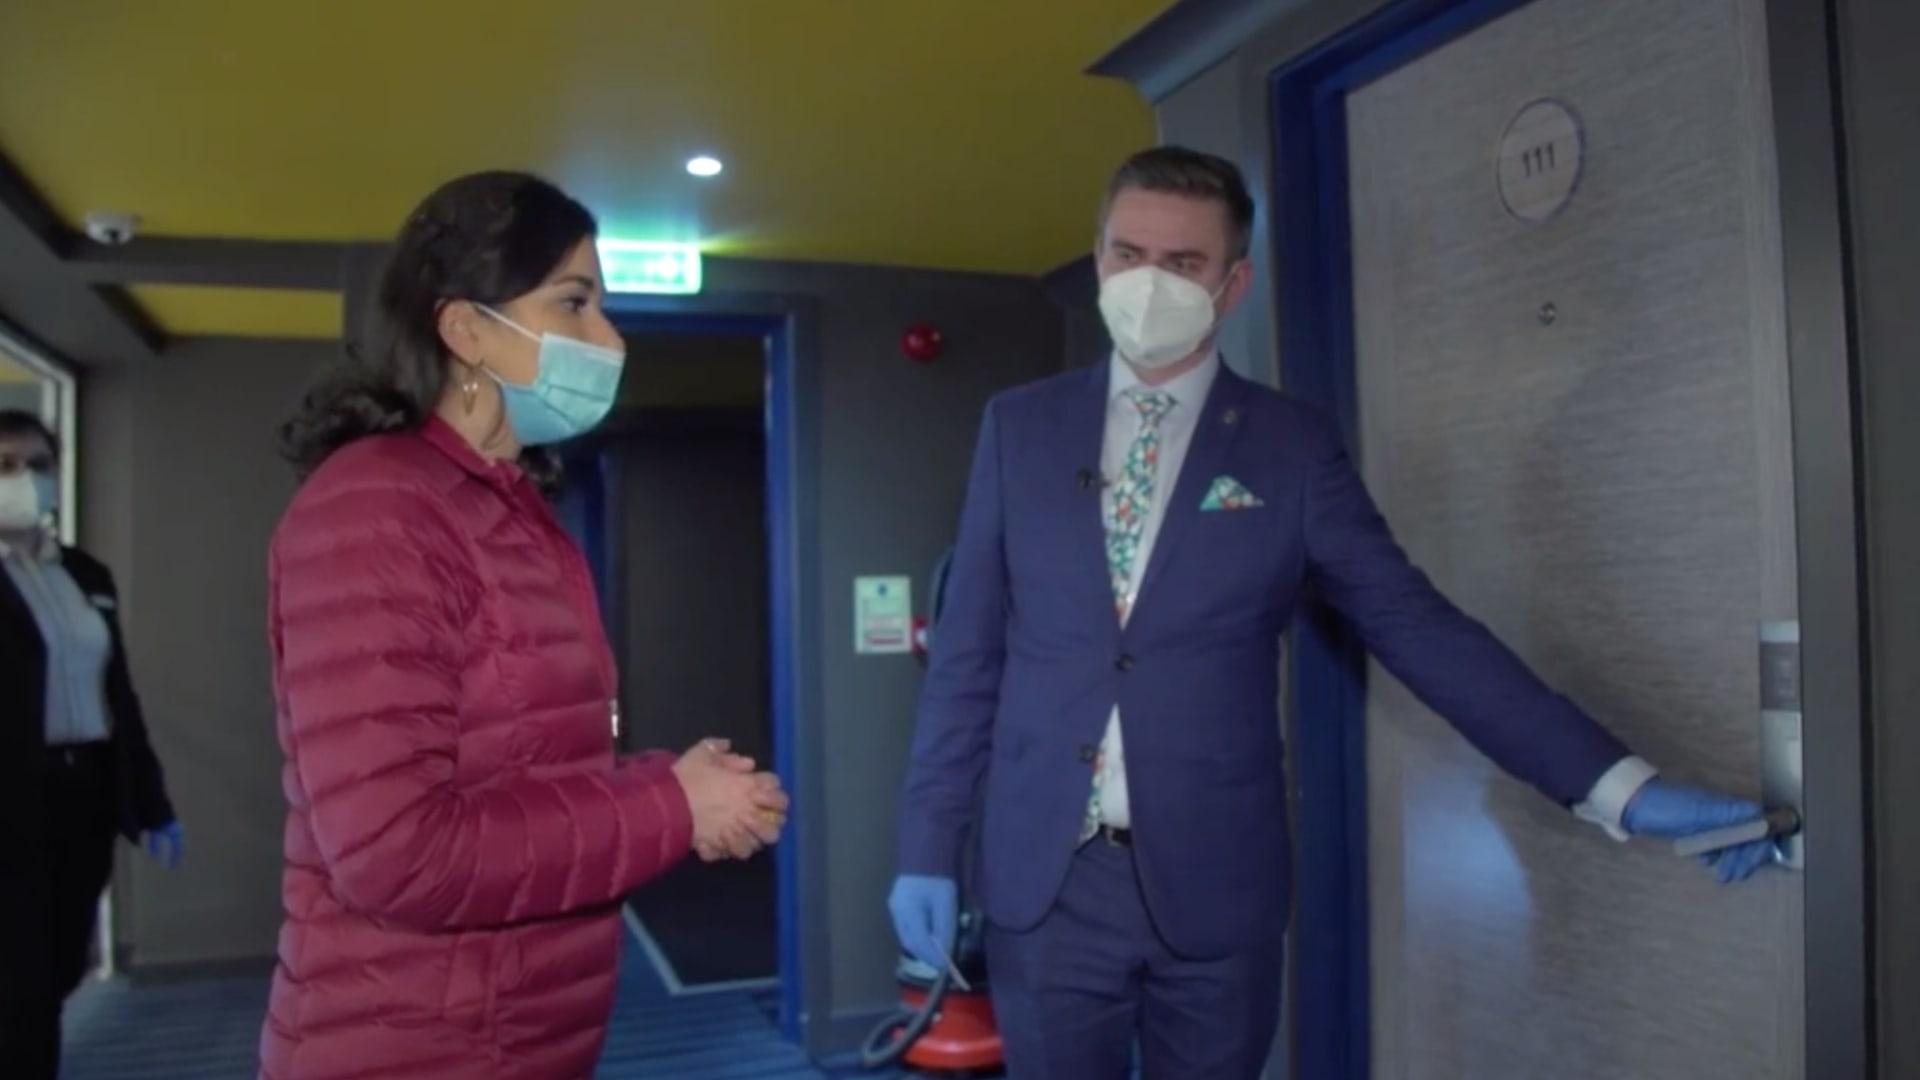 شاهد.. فندق في إنجلترا يساعد مرضى كورونا على التعافي بعد الخروج من المستشفى